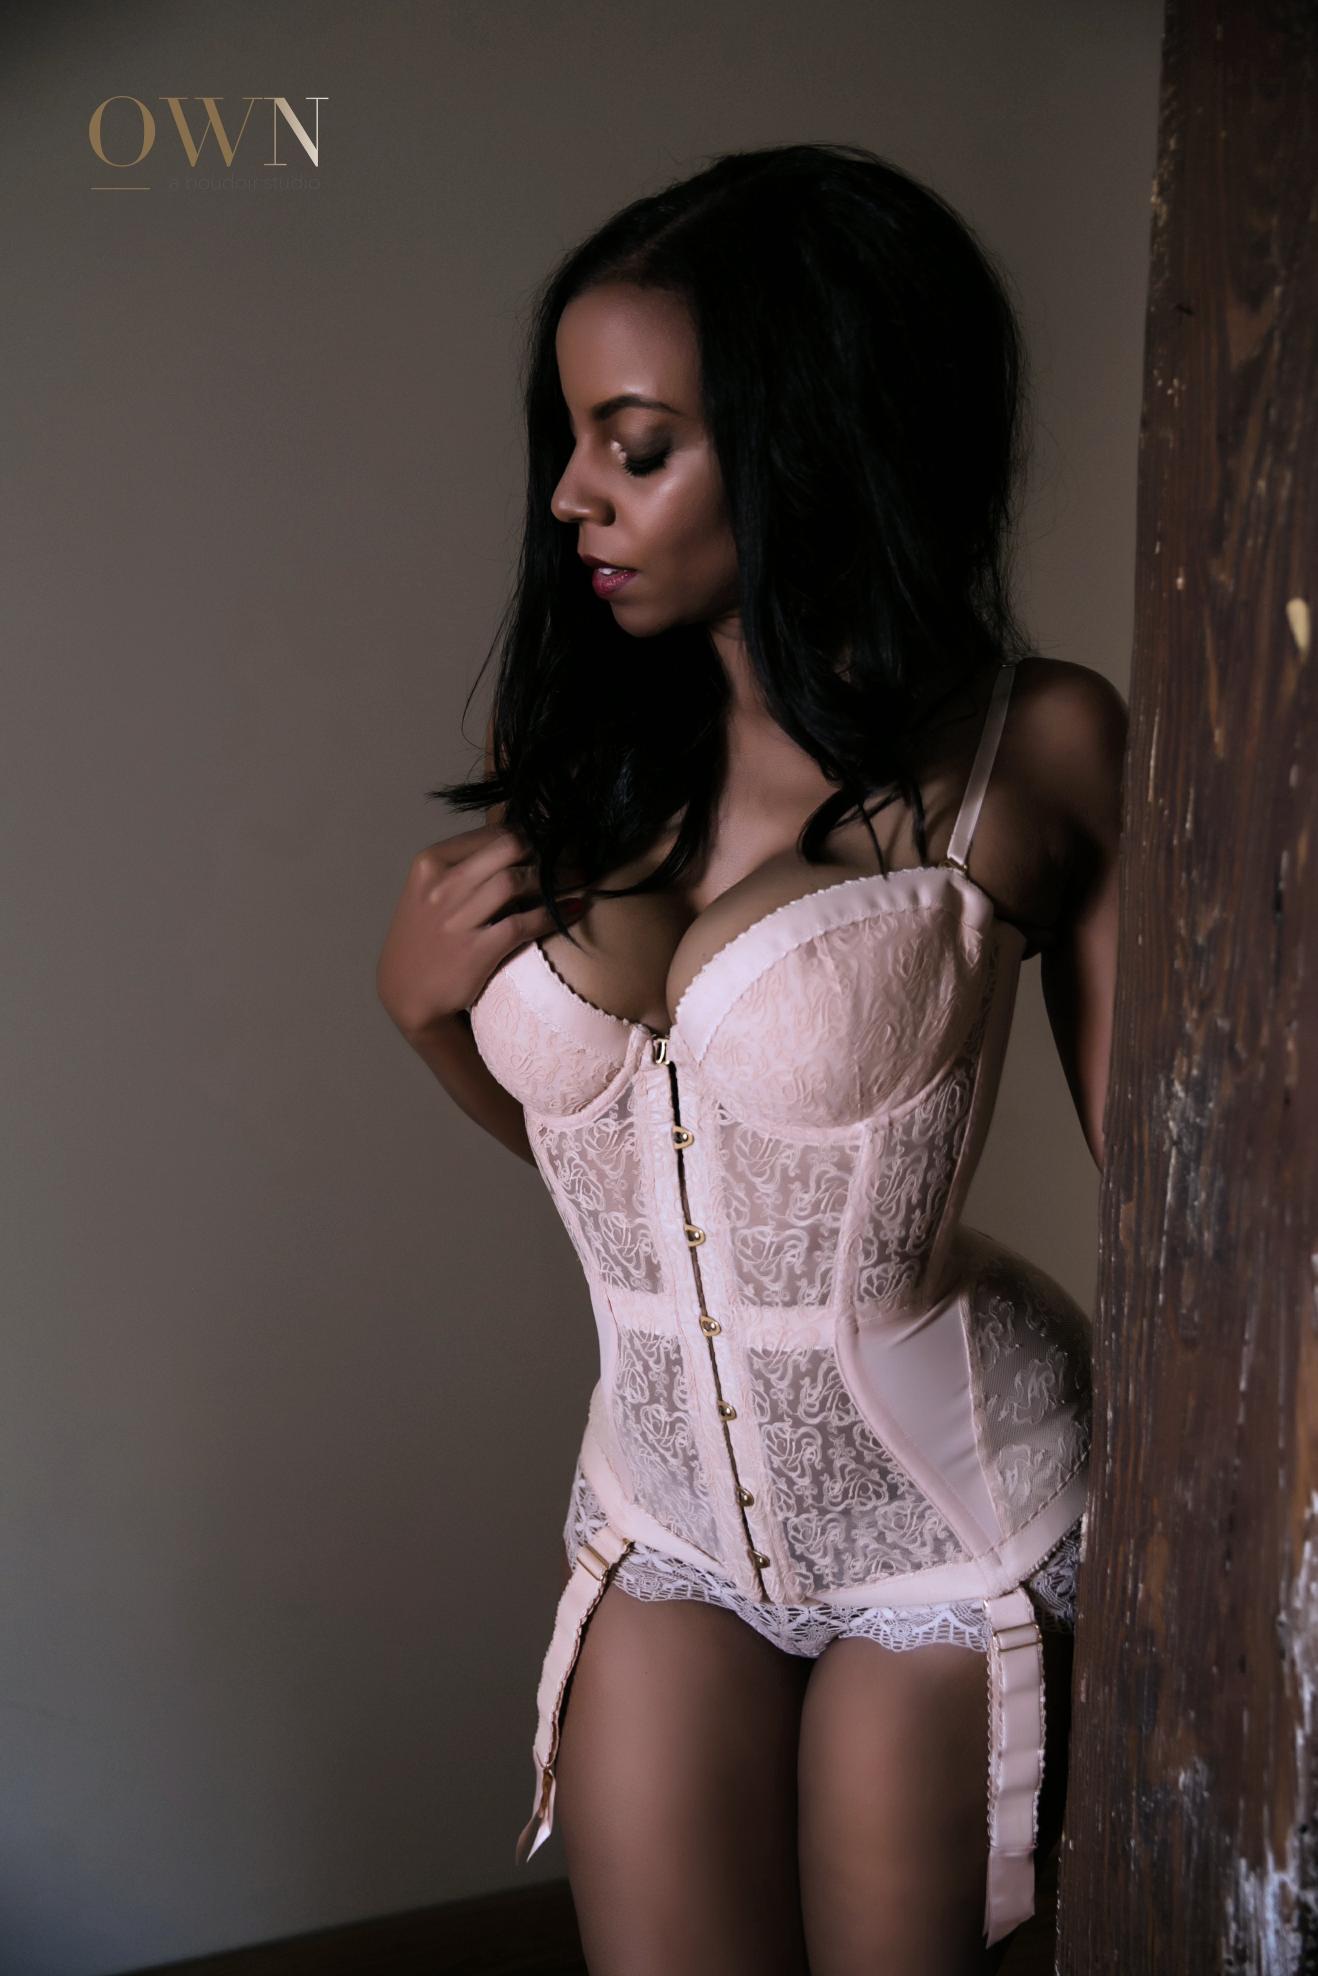 atlanta boudoir session, boudoir session atlanta, atlanta boudoir pricing, boudoir session prices, boudoir photographer atlanta, atlanta boudoir, corset boudoir wardrobe